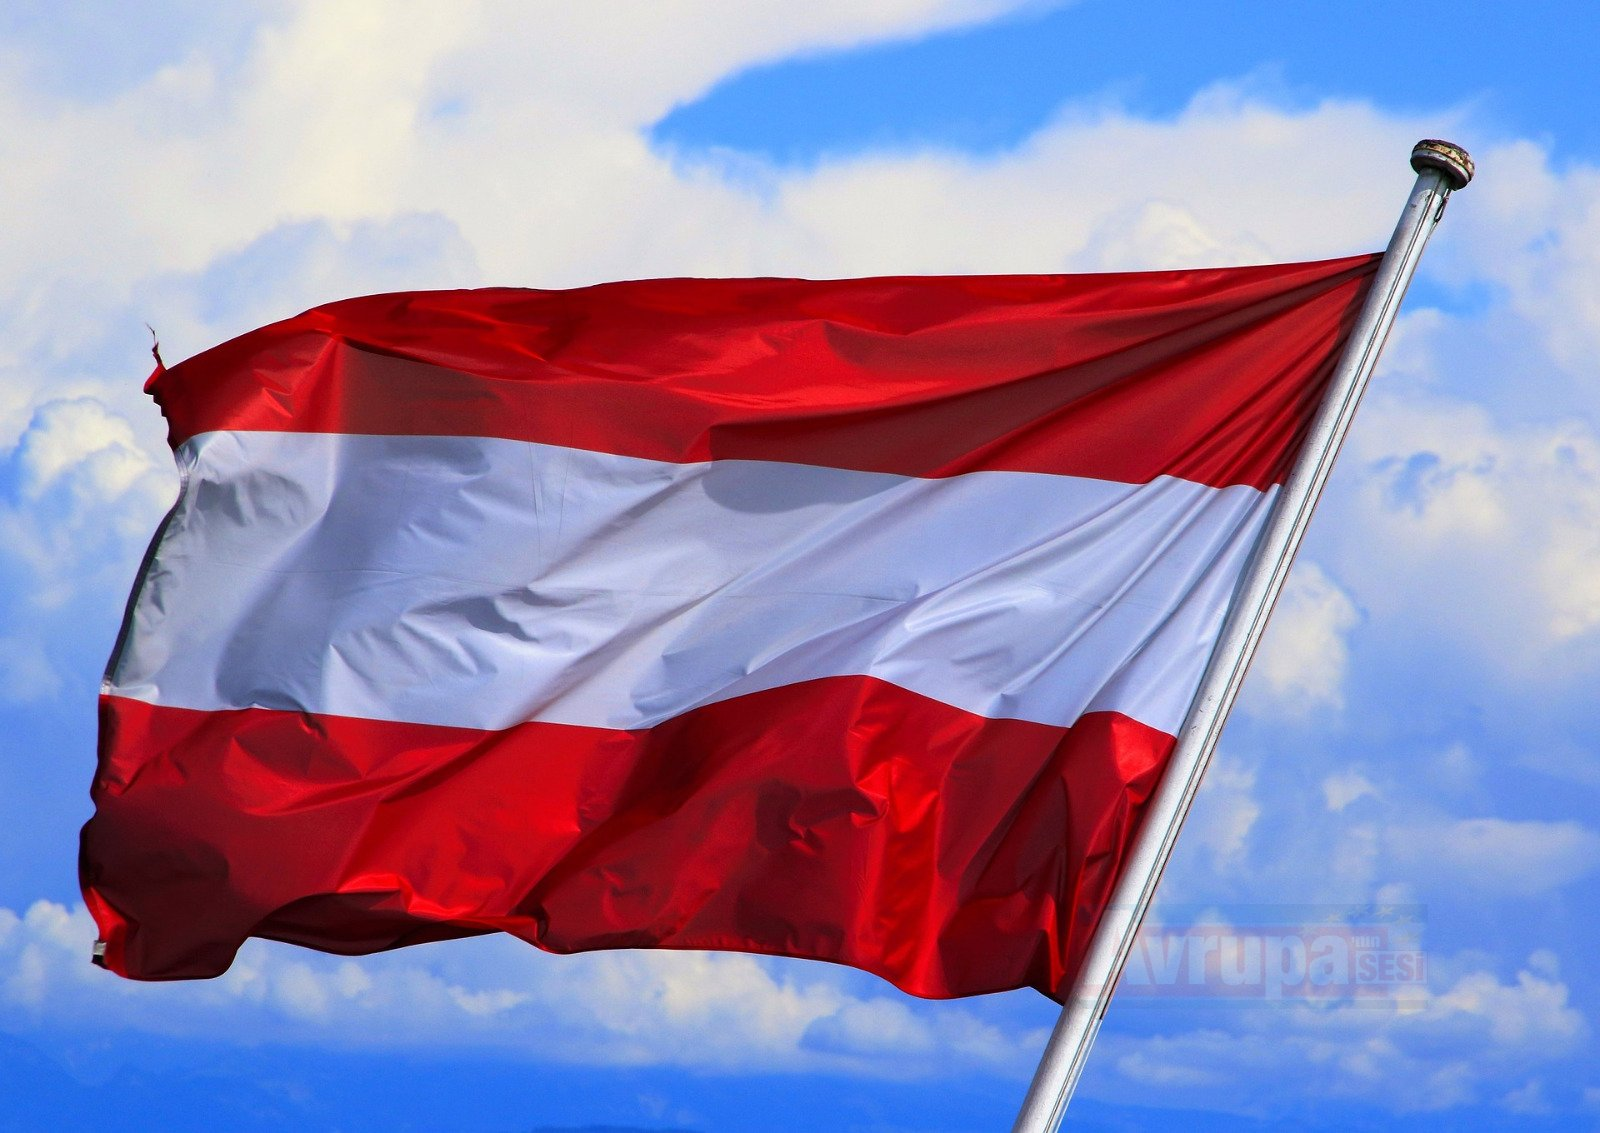 Avusturya'da aşırı sağcı partinin toplantısında